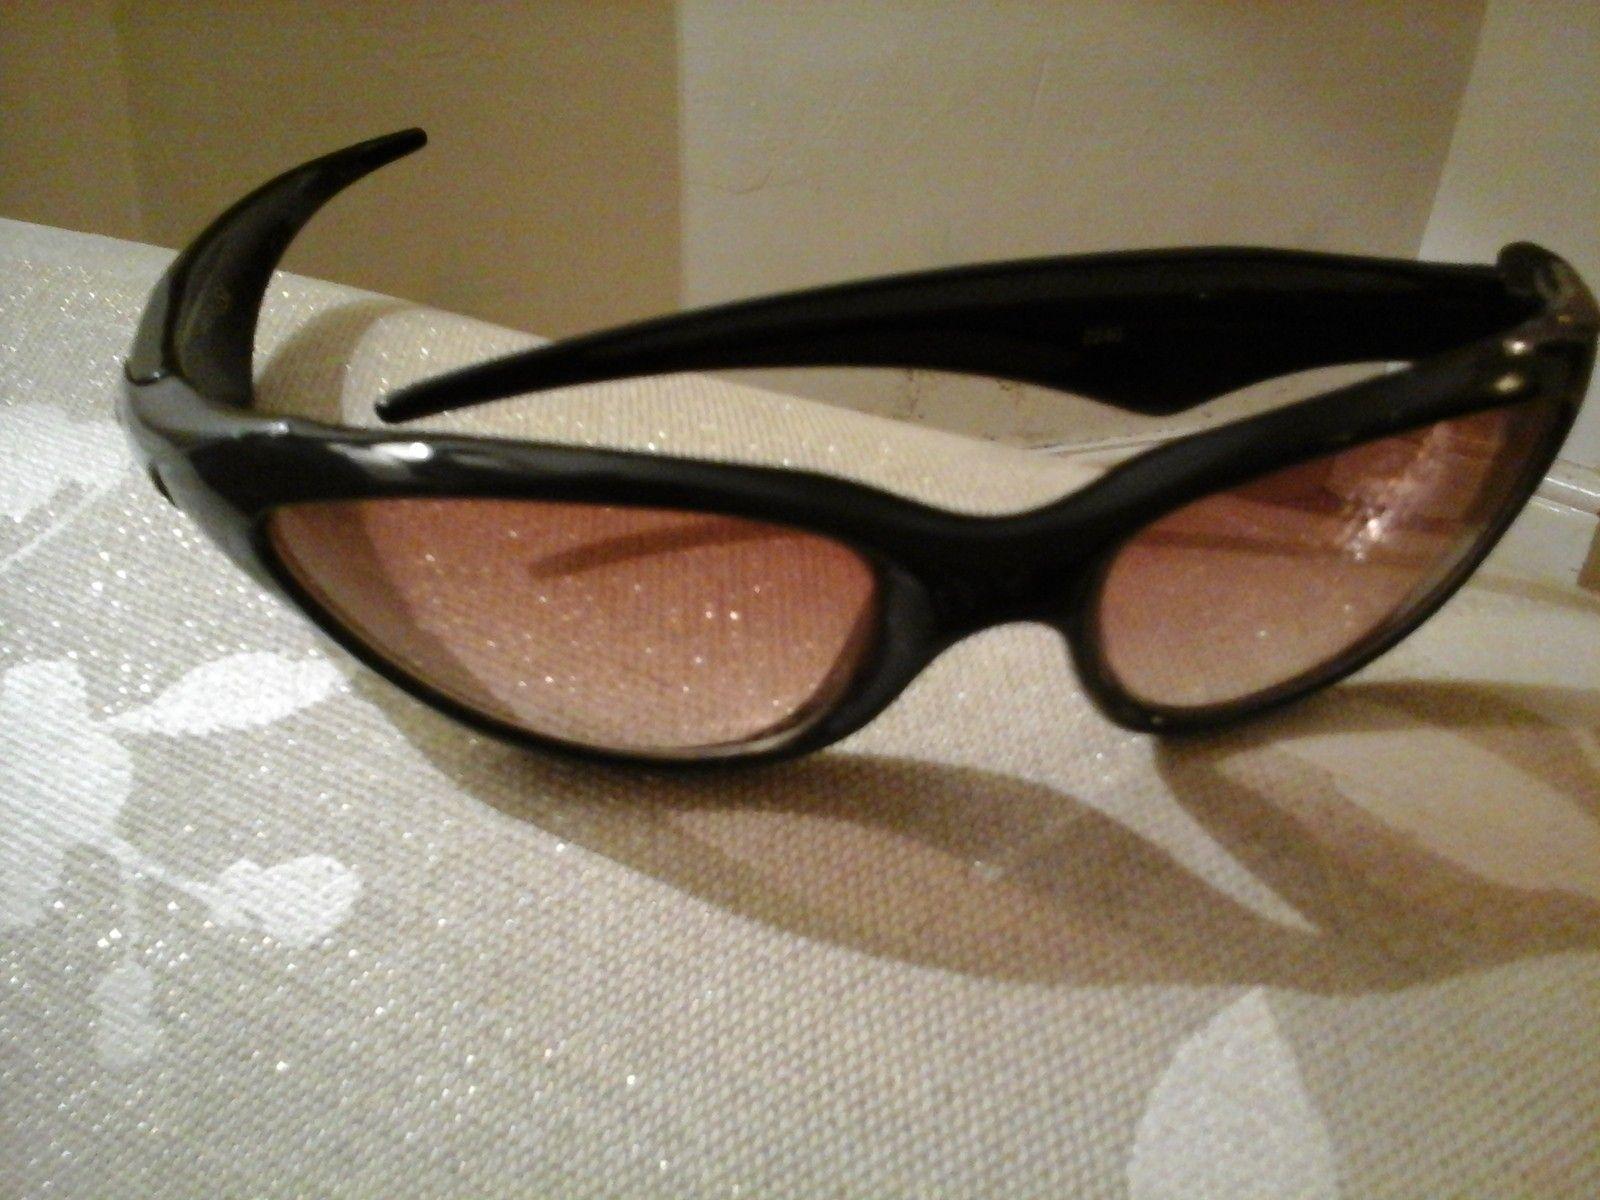 Oakley sunglasses identification - 14419197318311211868609.jpg